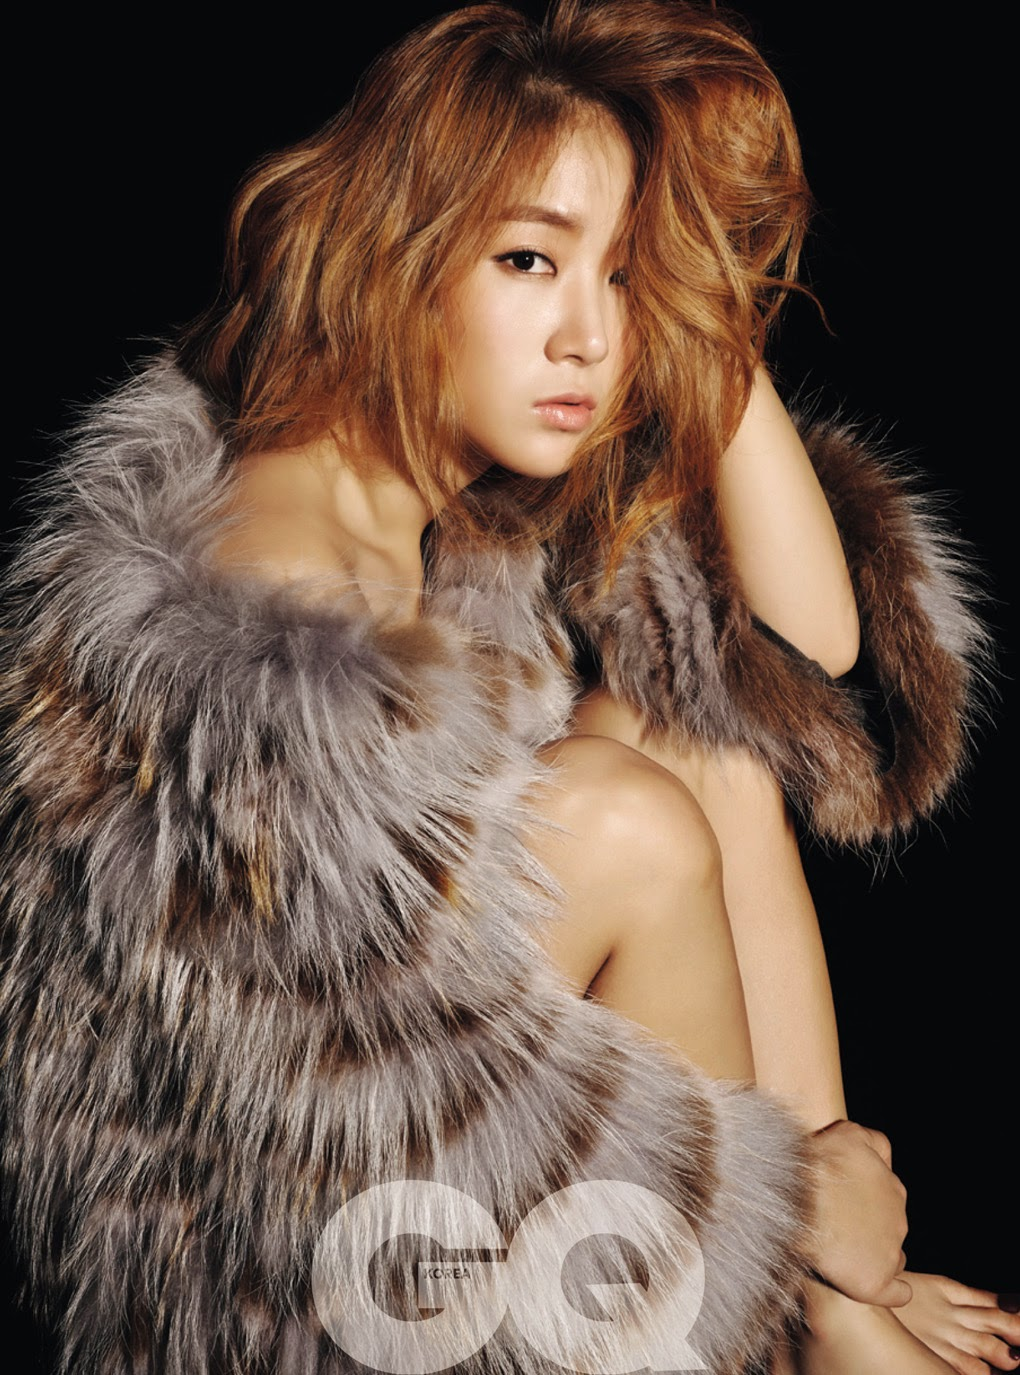 Soyu SISTAR - GQ Magazine December Issue 2014